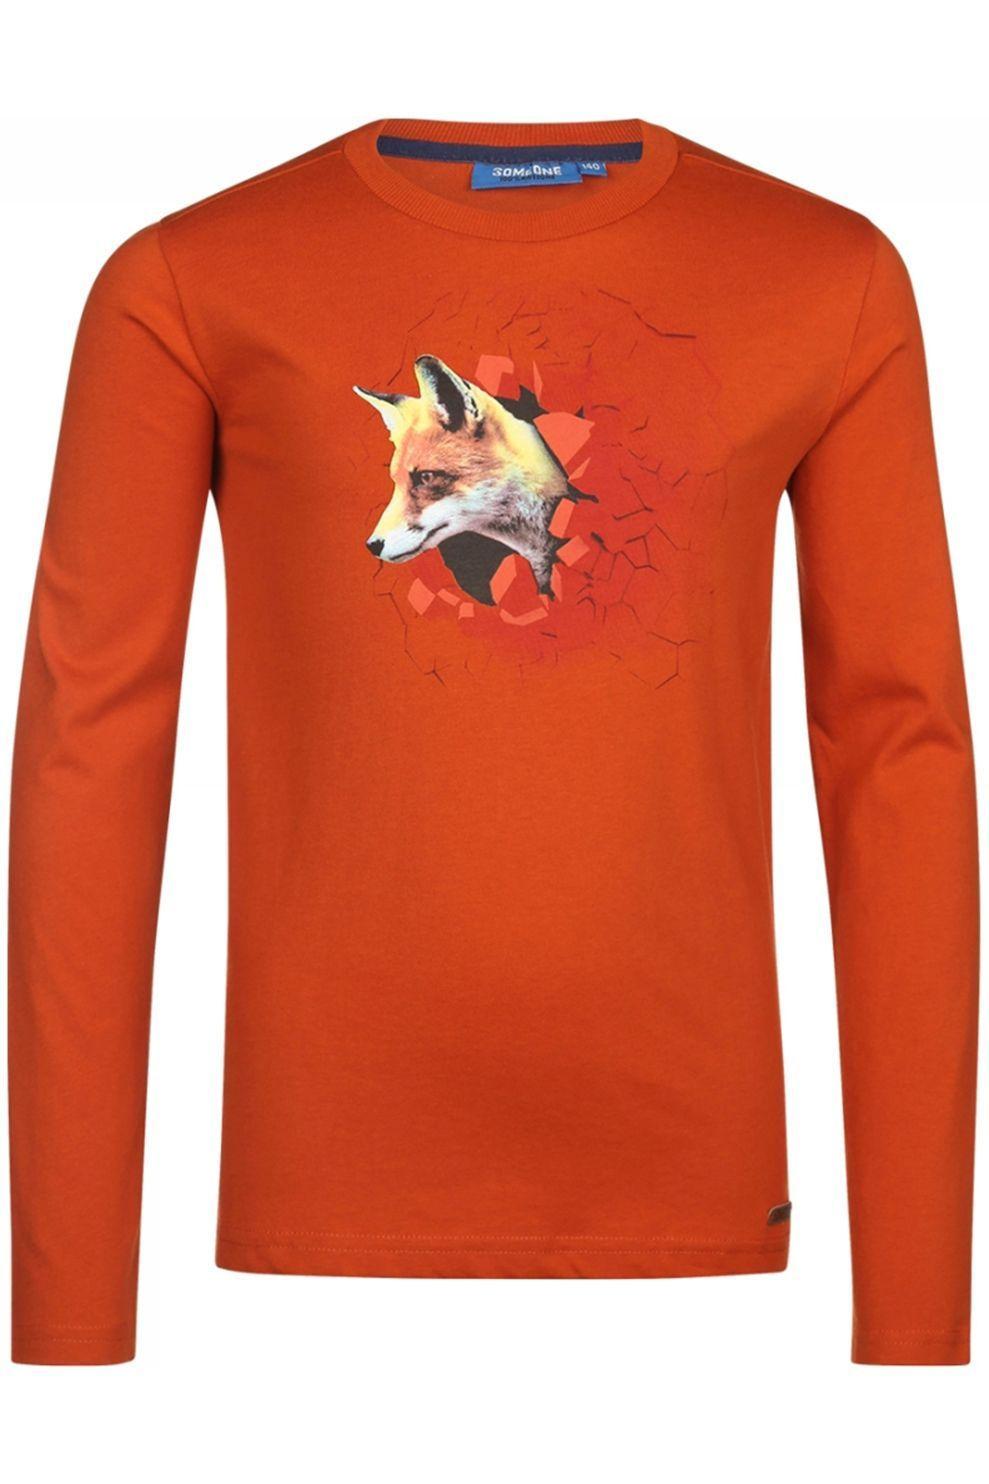 Someone T-Shirt Renard-Sb-03-I voor jongens - Bruin - Maat: 116